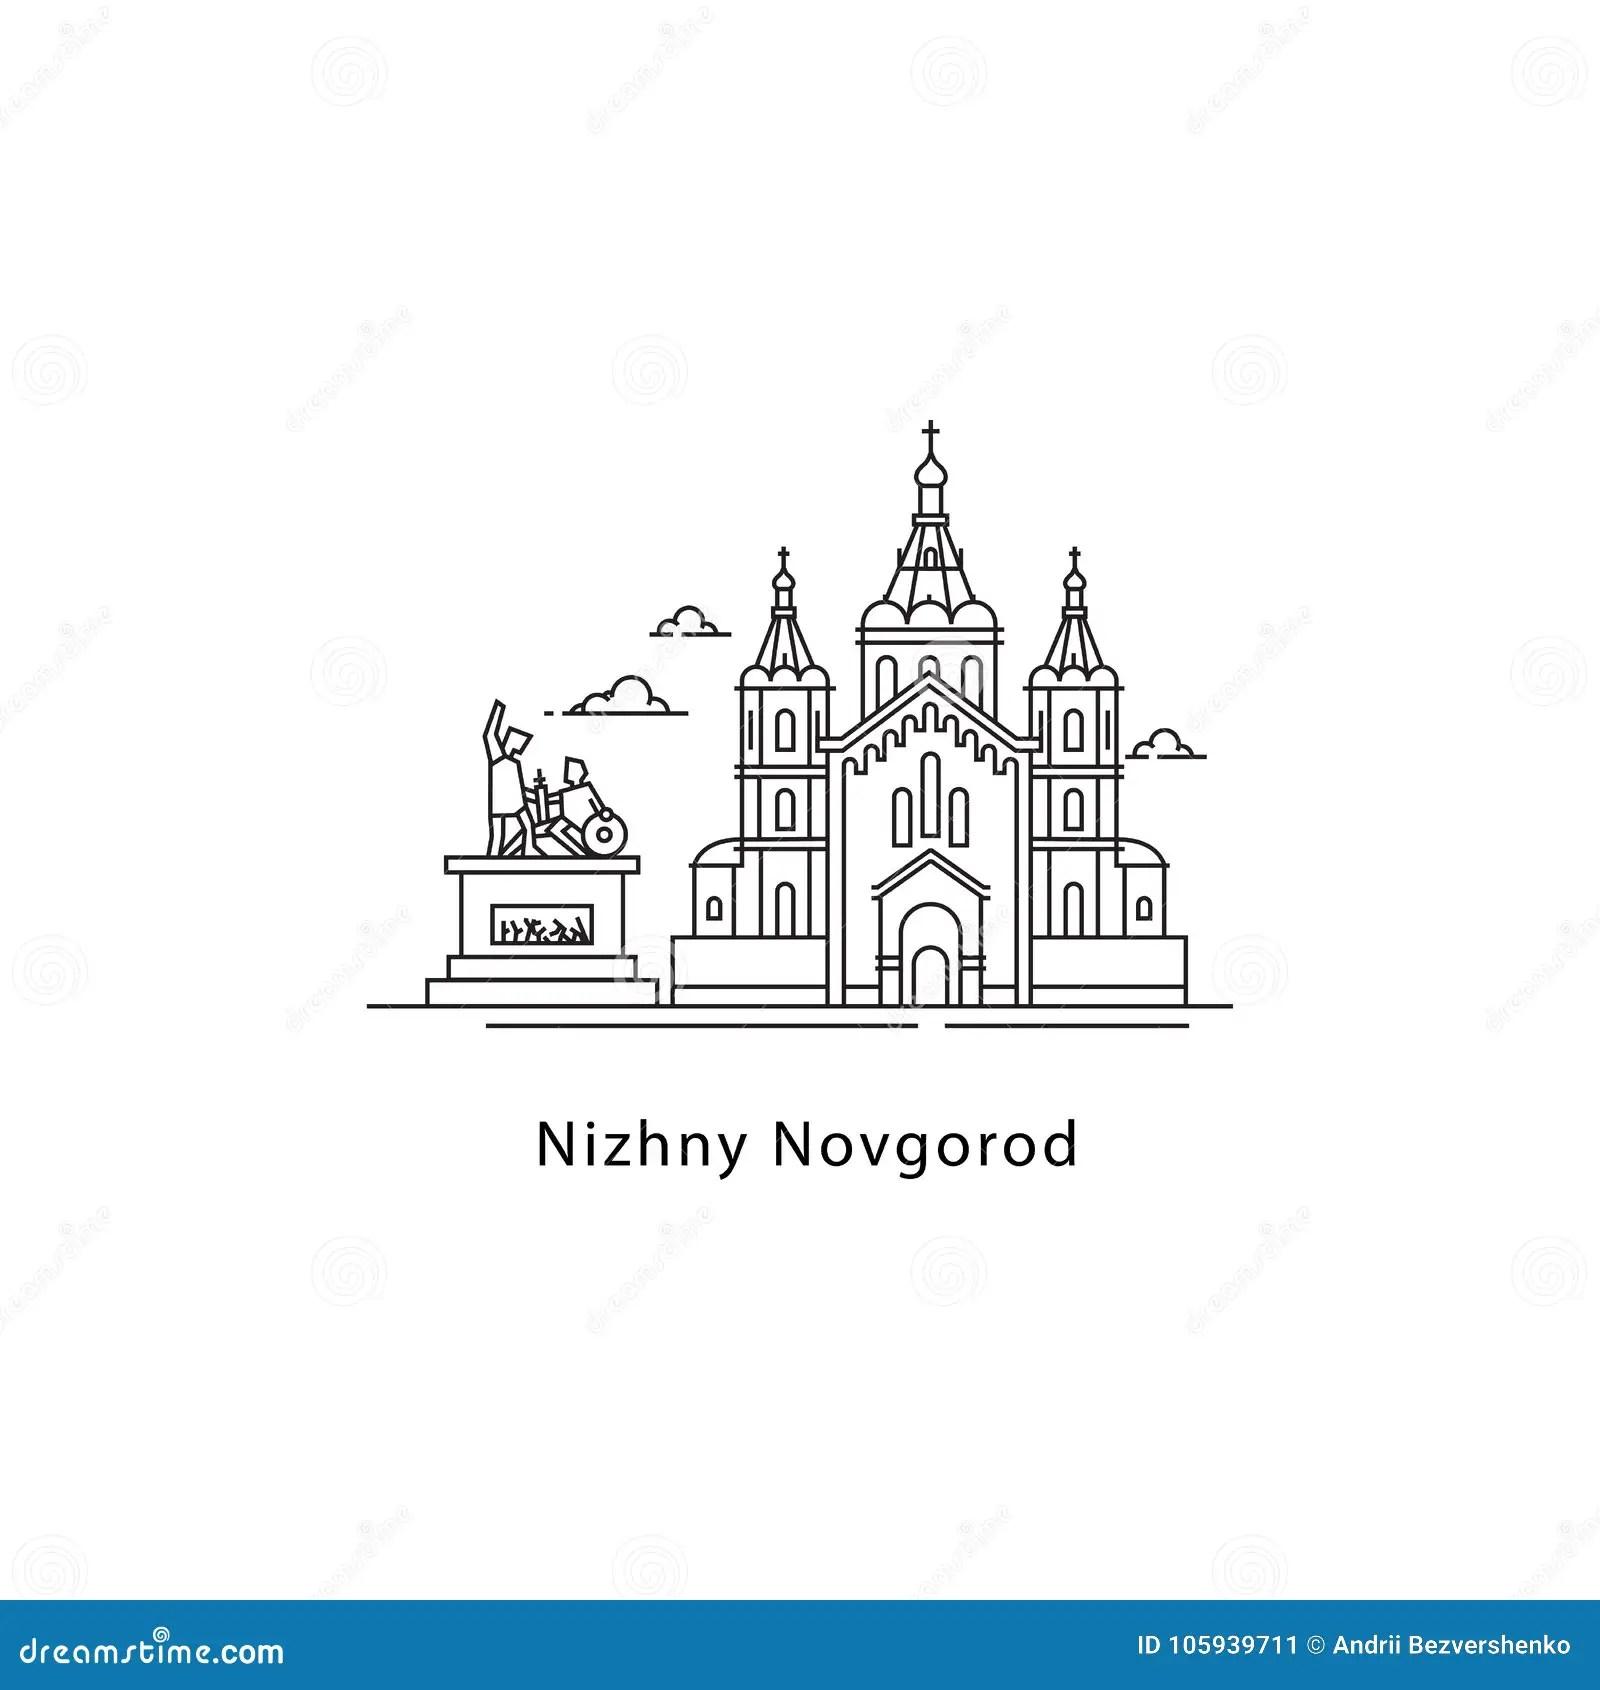 Nizhny Novgorod Logo Isolated On White Background. Nizhny